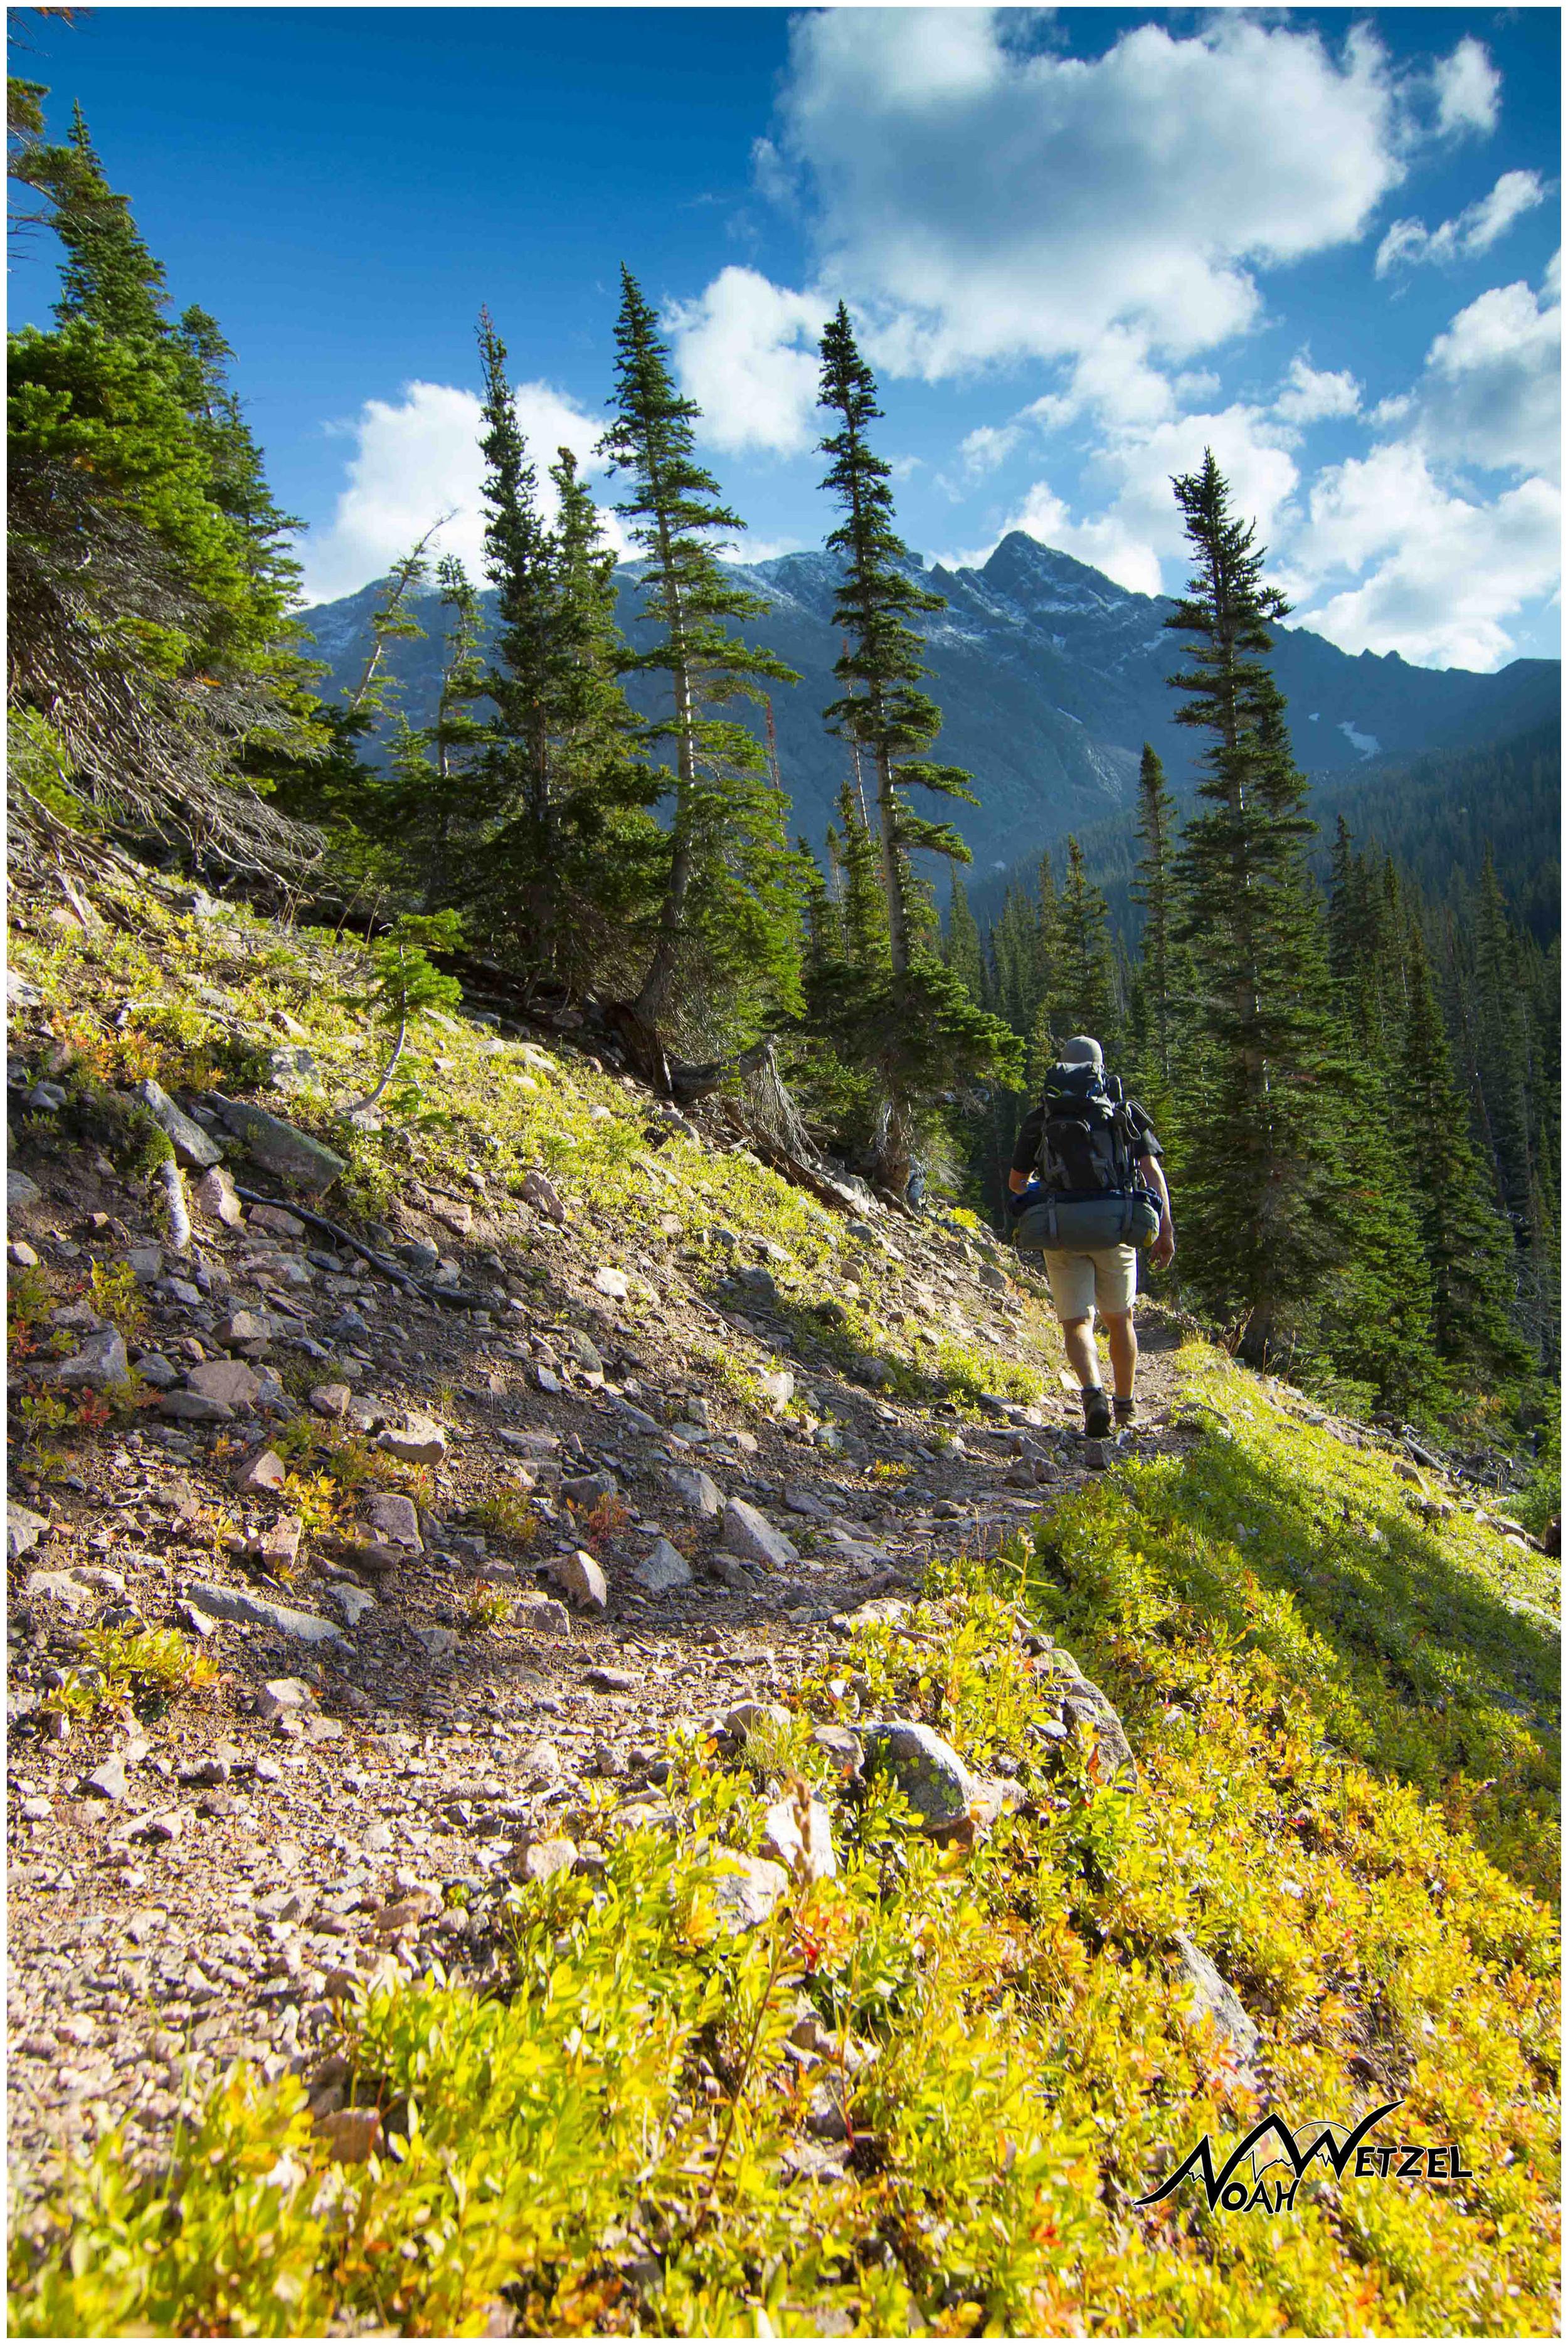 Ben approaching Upper Cataract Lake. Eagles Nest Wilderness